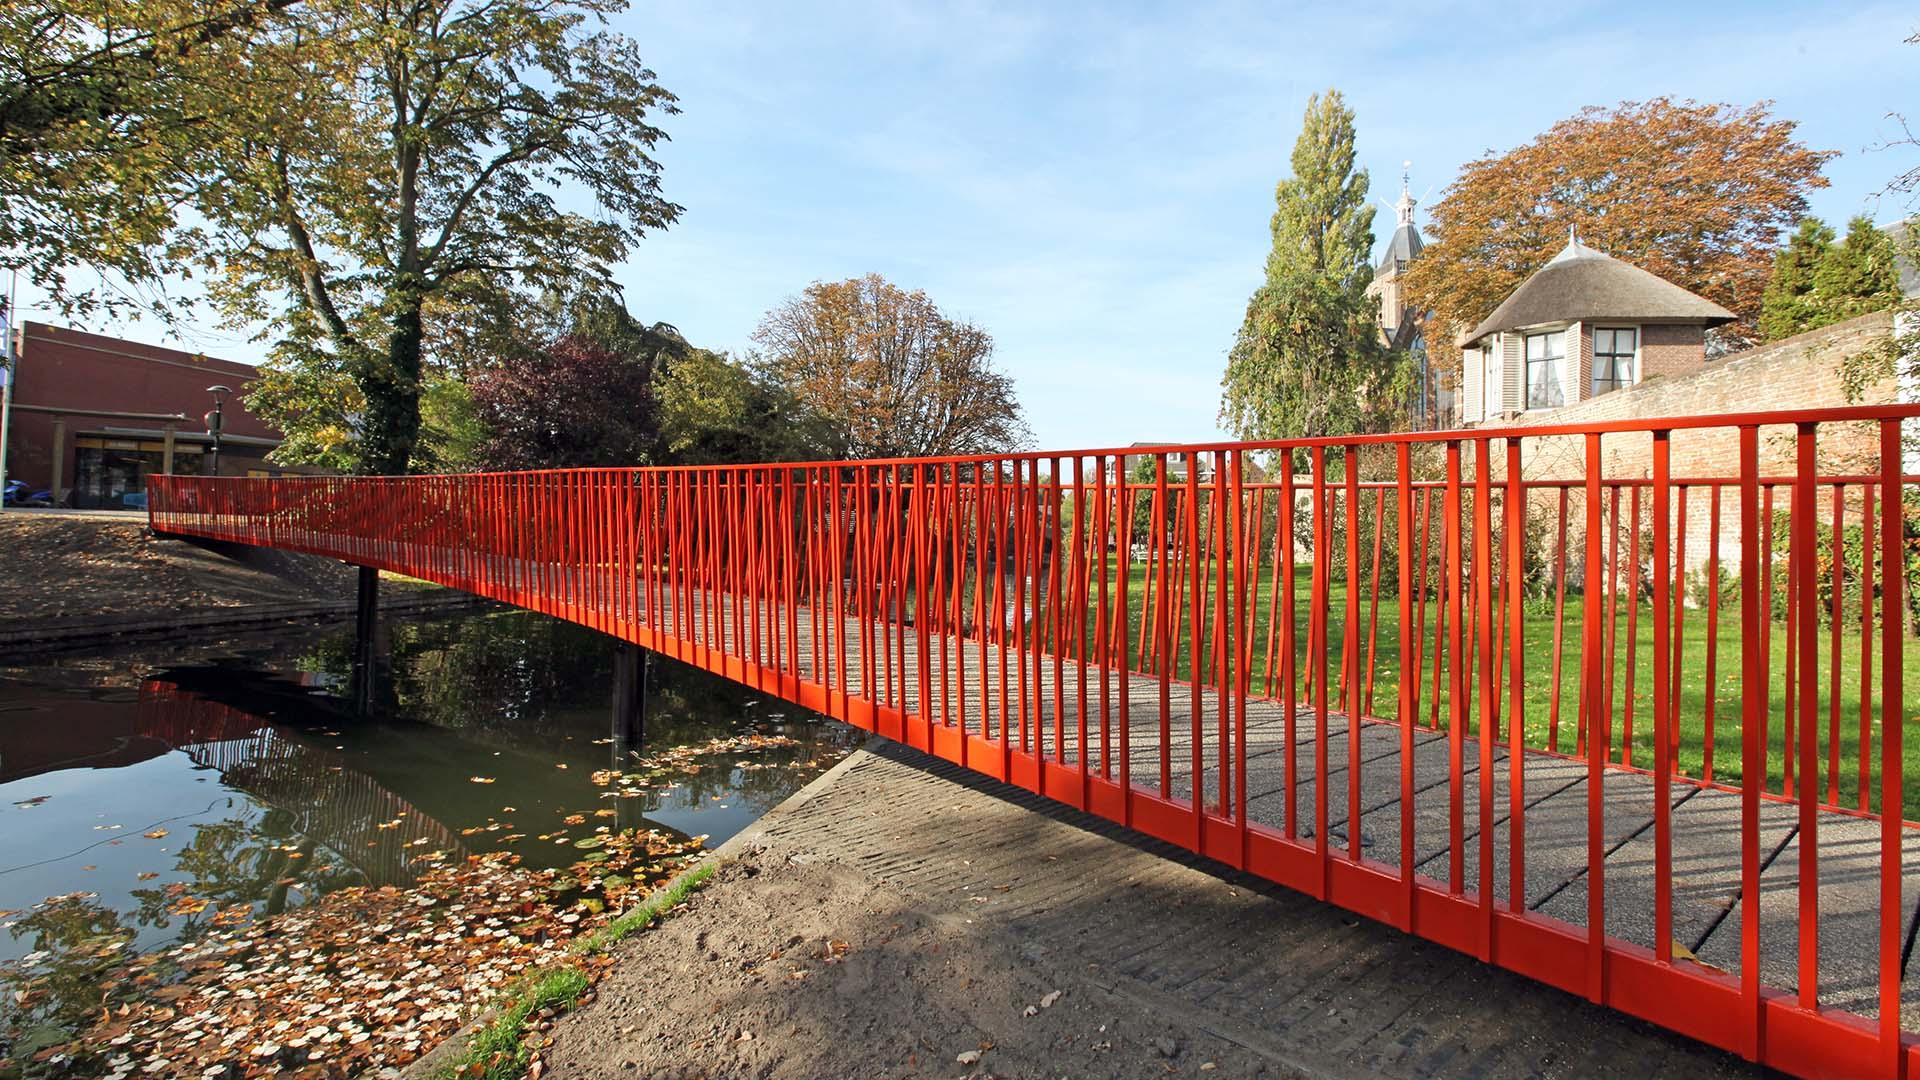 brugontwerp voetgangersbrug Lijnbaan stadsgracht Vianen